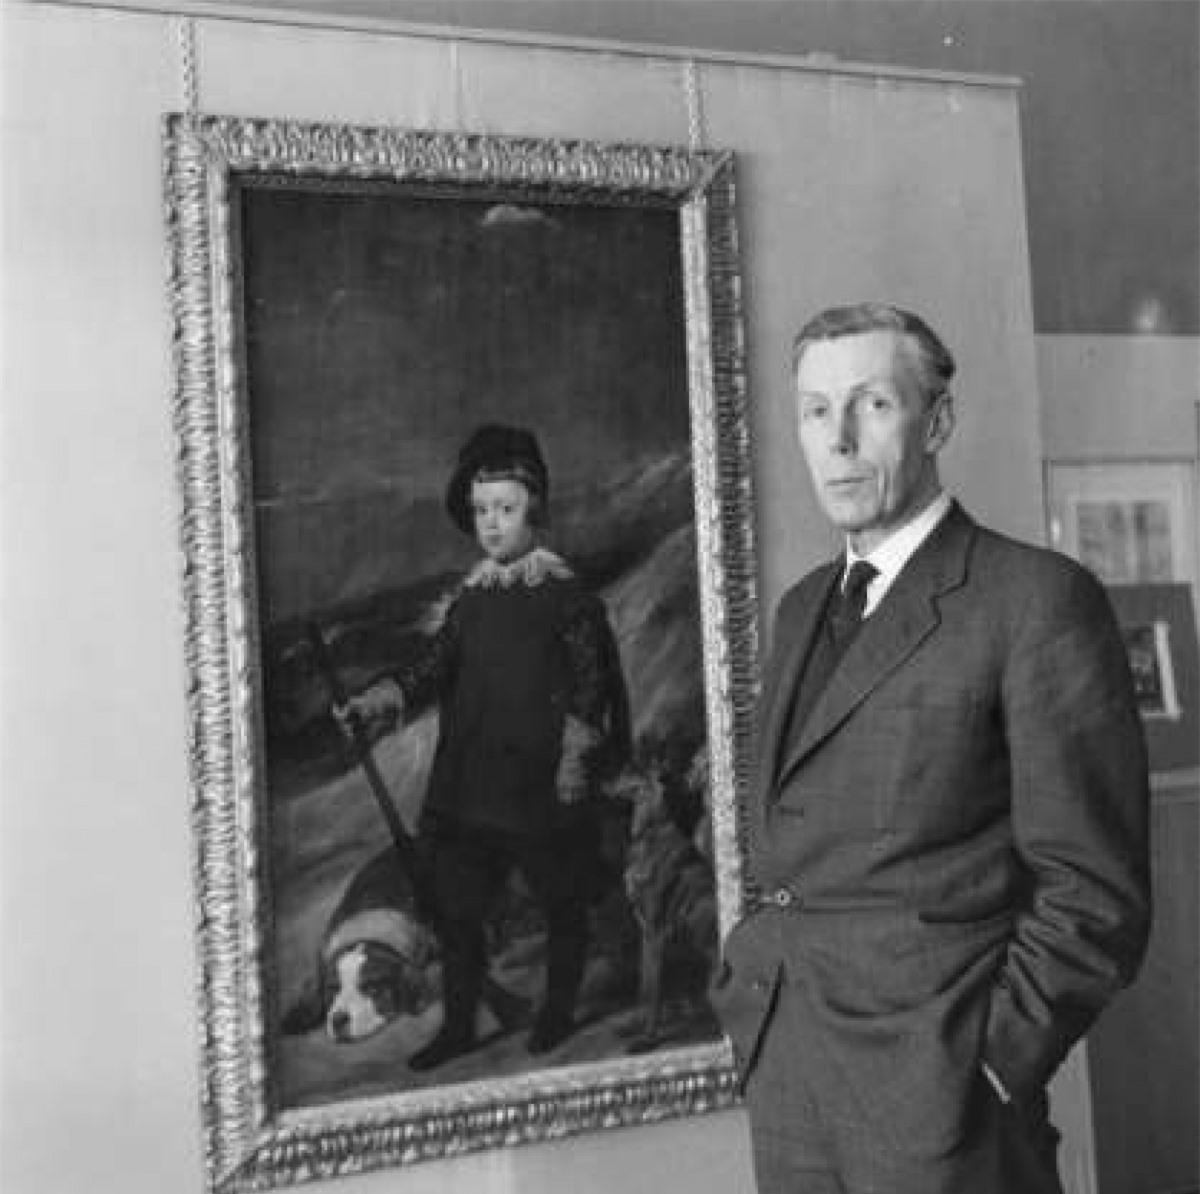 Anthony Blunt (1907–1983): Từng là một sử gia nghệ thuật của Anh, Blunt có lẽ đã trở thành điệp viên cho Liên Xô trong một chuyến thăm tới Moscow năm 1934. Ông Blunt cũng là một thành viên của cơ quan tình báo Quân đội Anh trong suốt Thế chiến II khi ông được Cơ quan Mật vụ MI5 tuyển chọn. Blunt thú nhận ông là điệp viên cho Liên Xô năm 1964 sau khi được miễn truy tố.